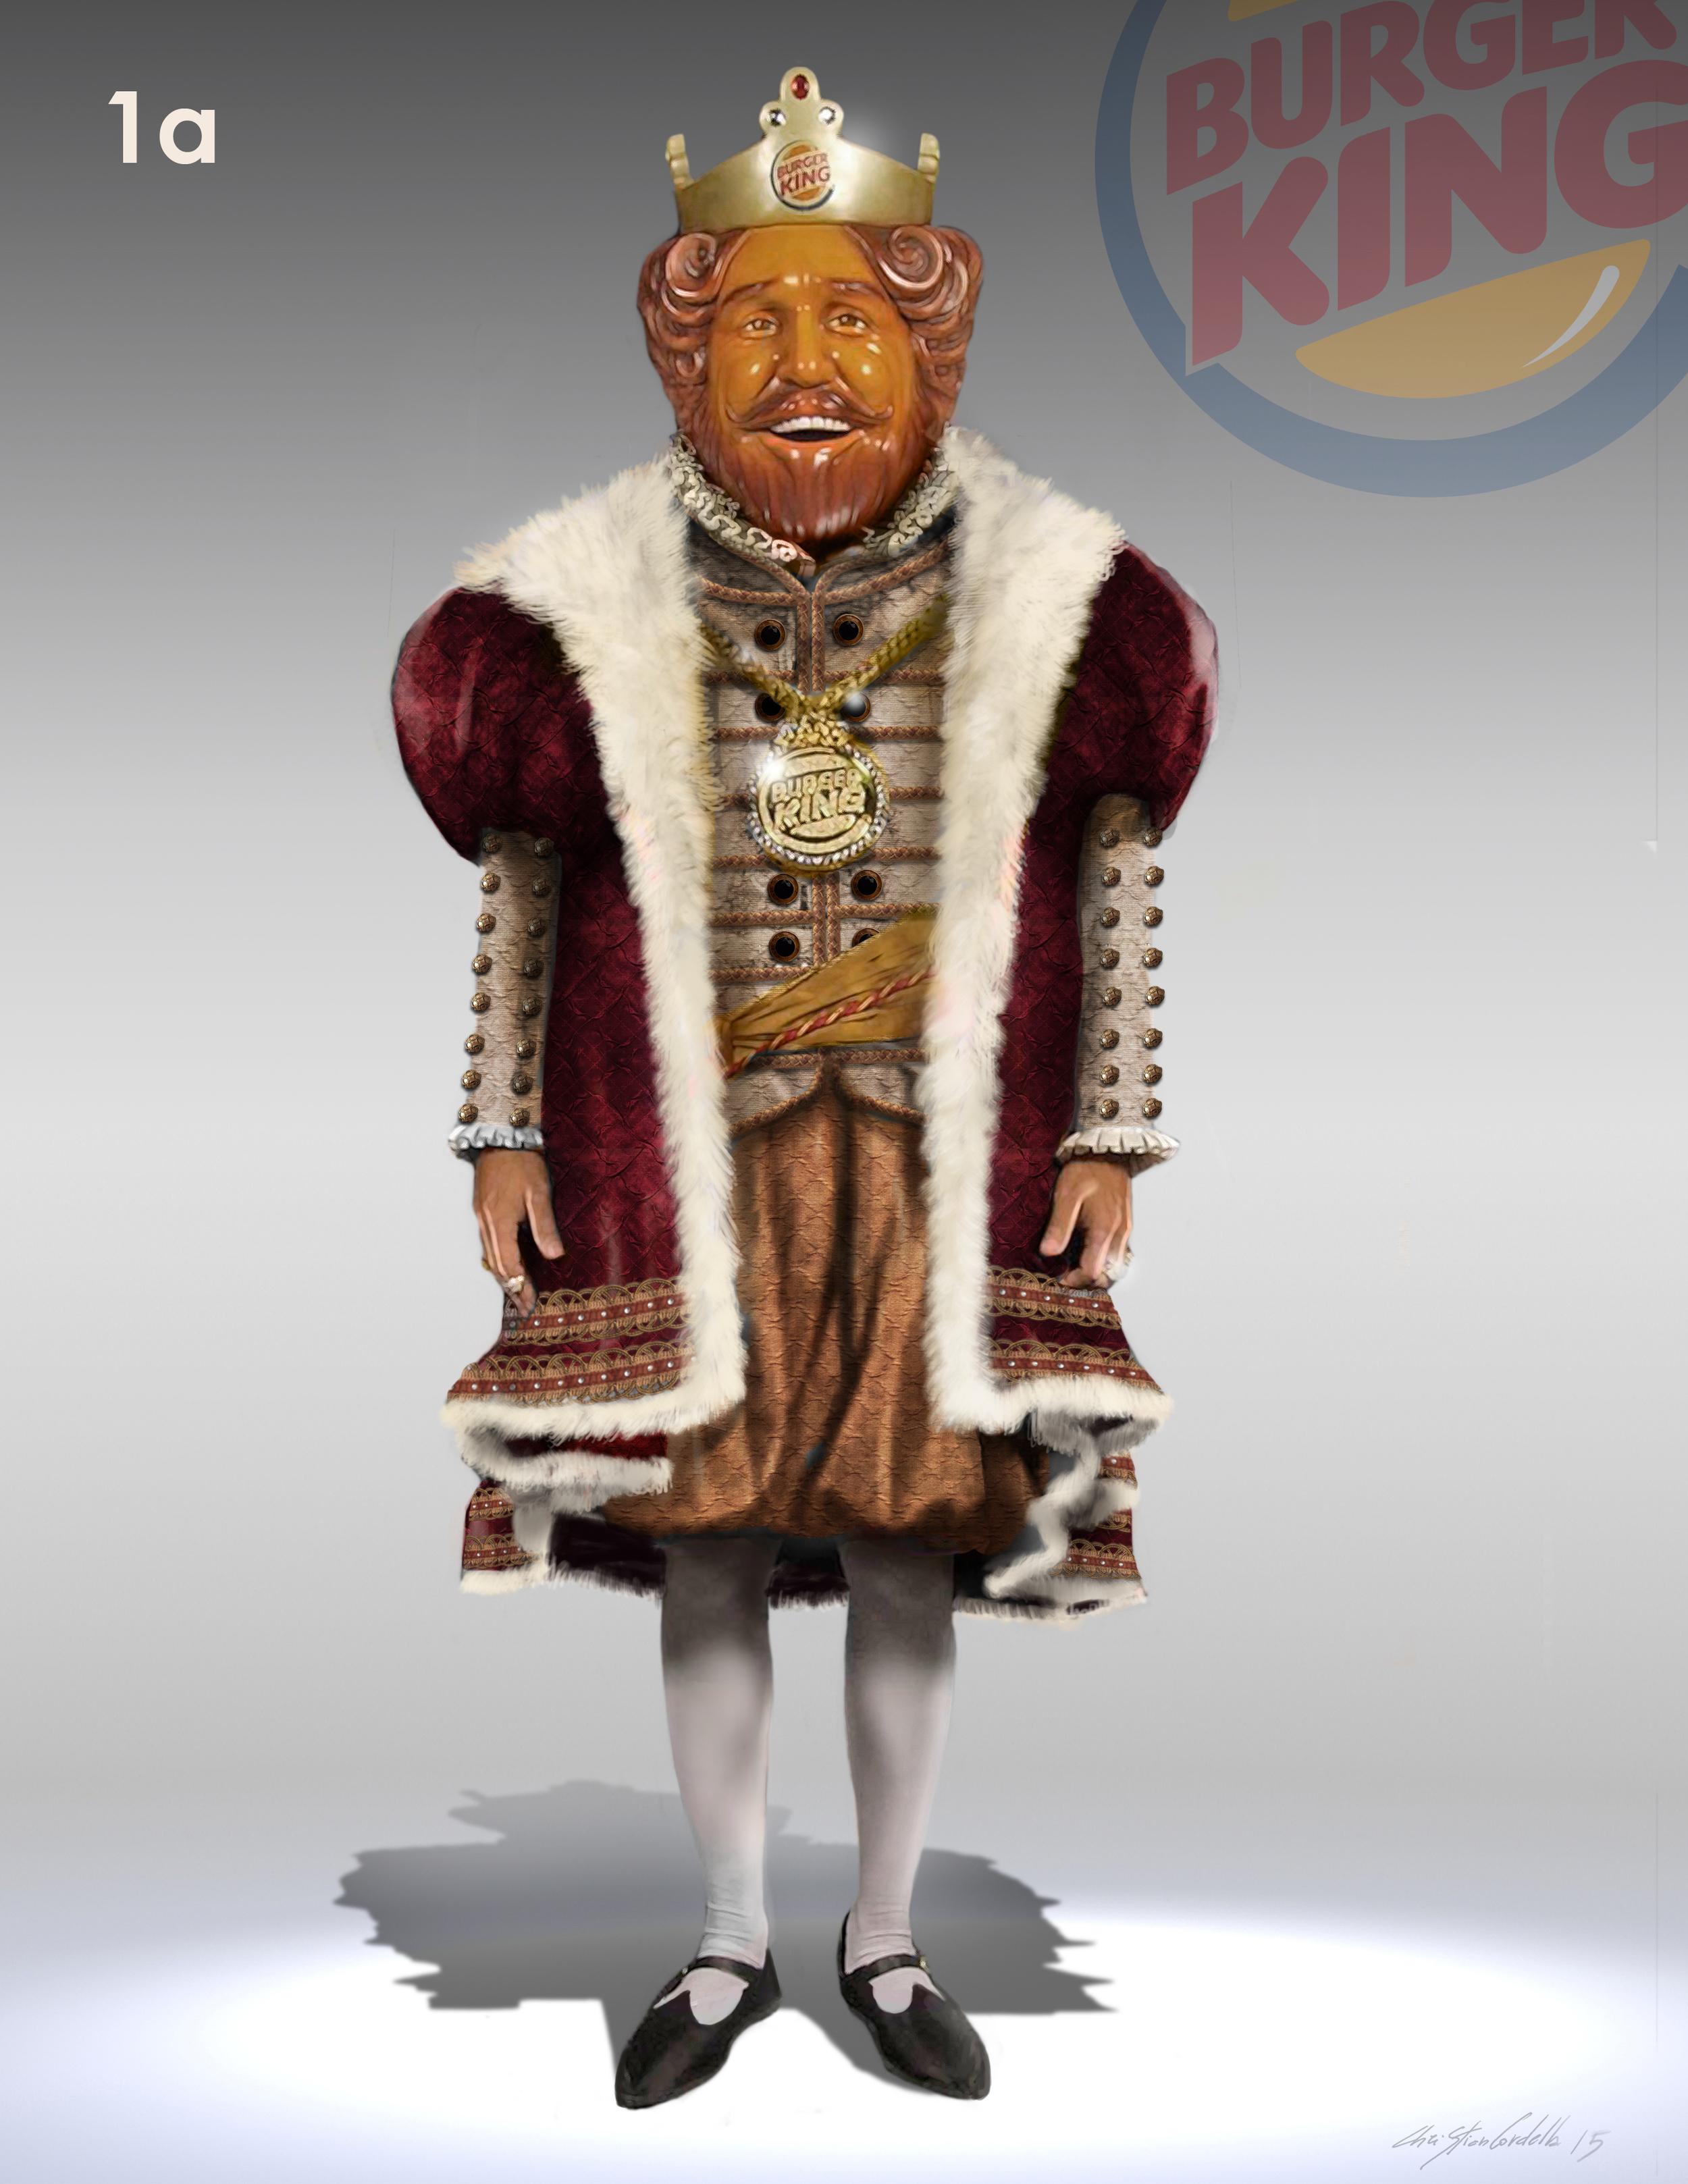 Burger King King.jpg